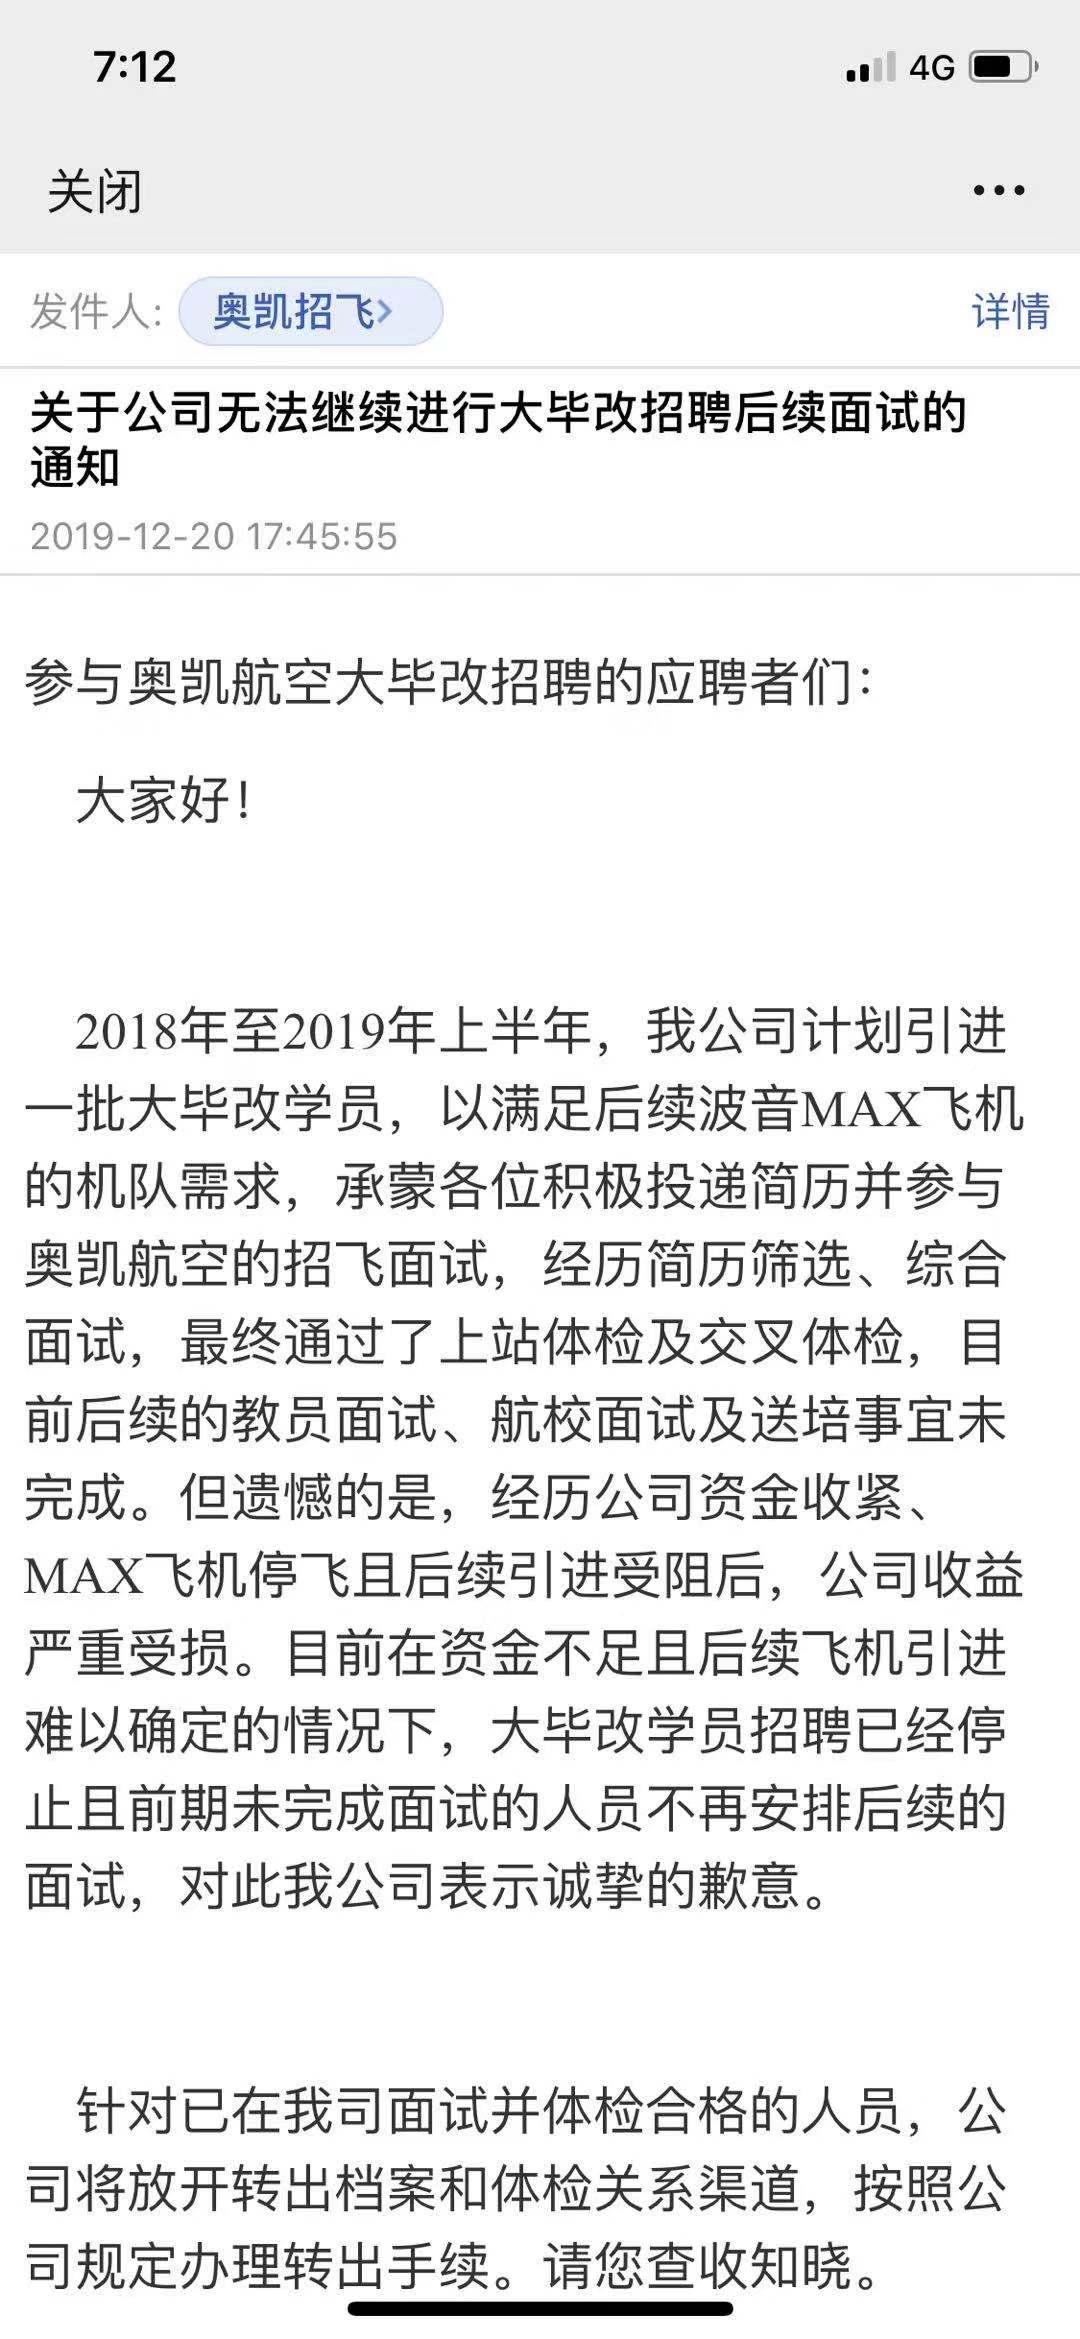 网优化seo公司_奥凯航空招飞政审后却通知招聘作废 回应:无赔偿